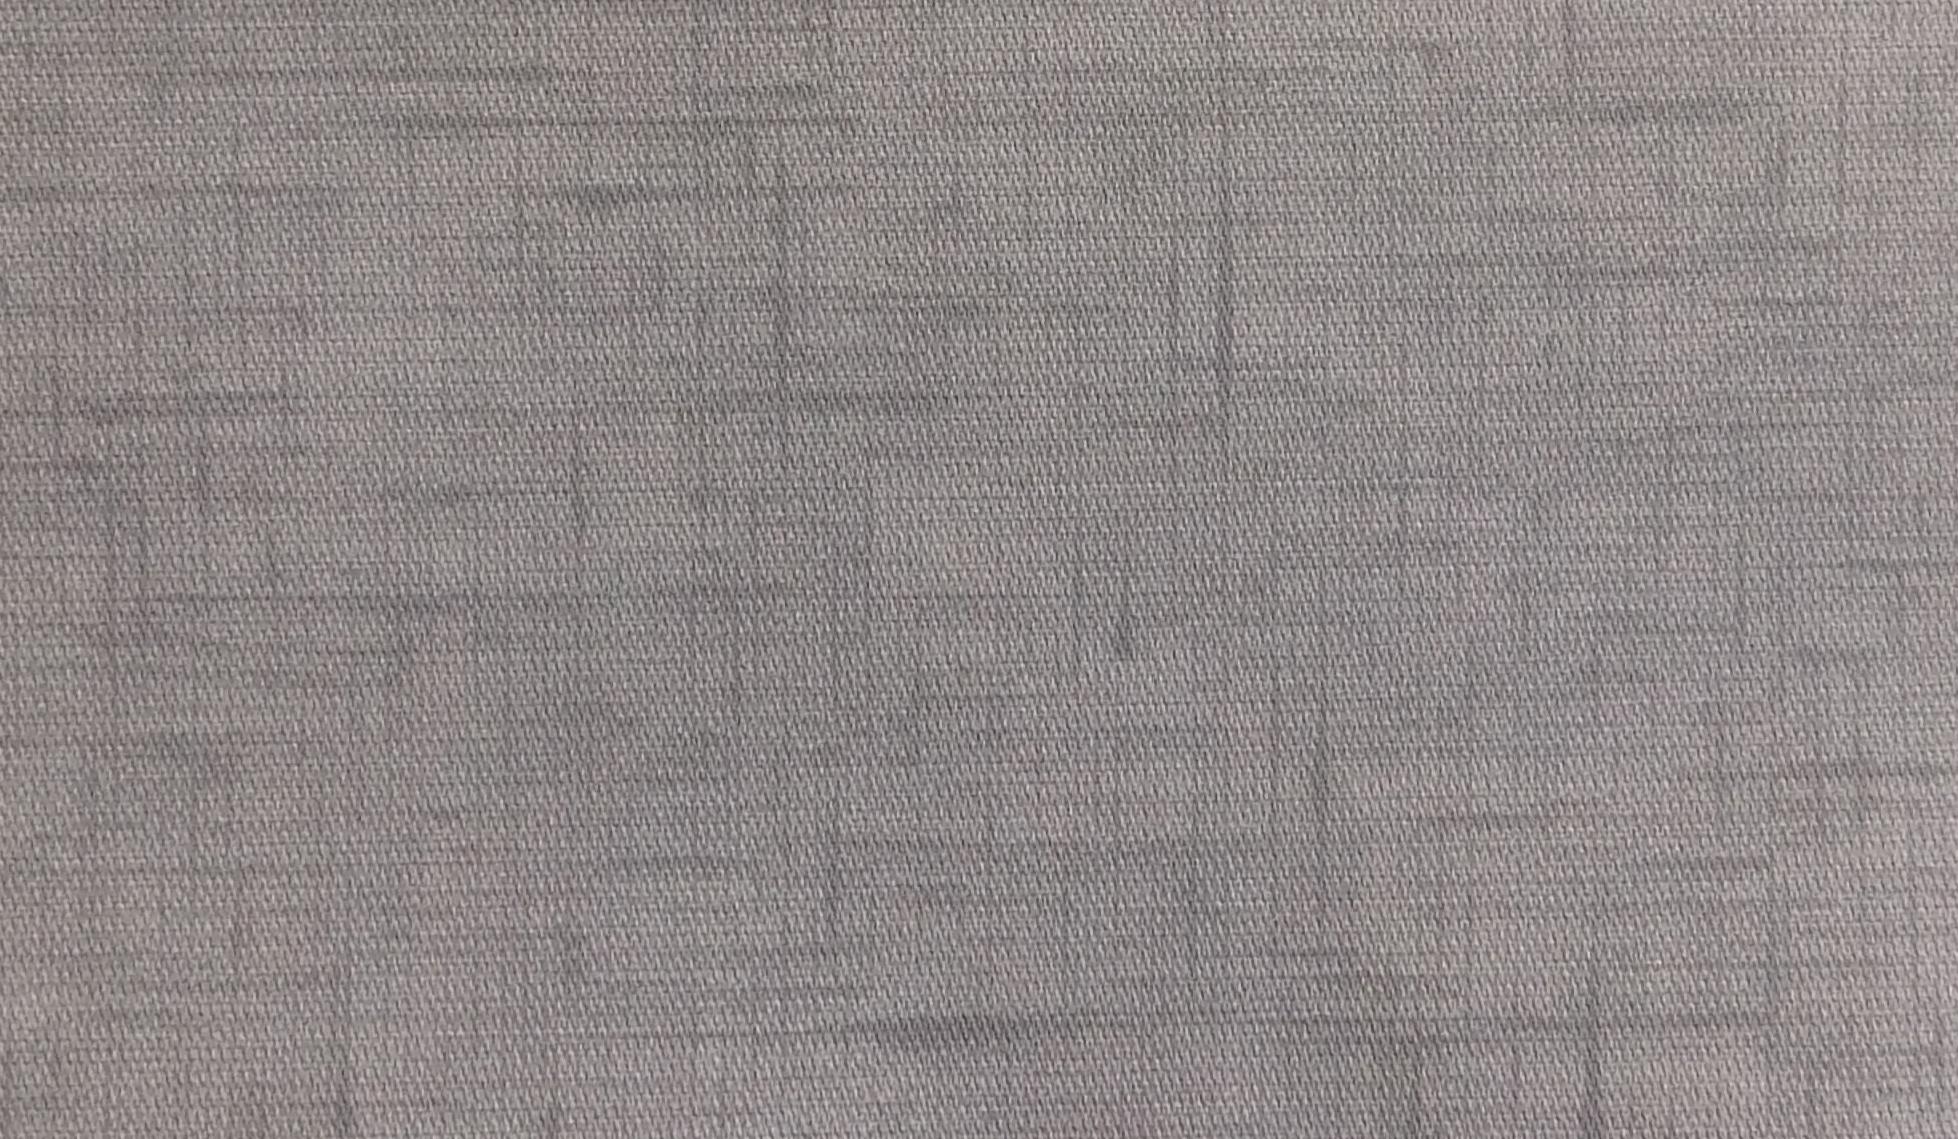 Spectrum Cobble Blind Fabric RA